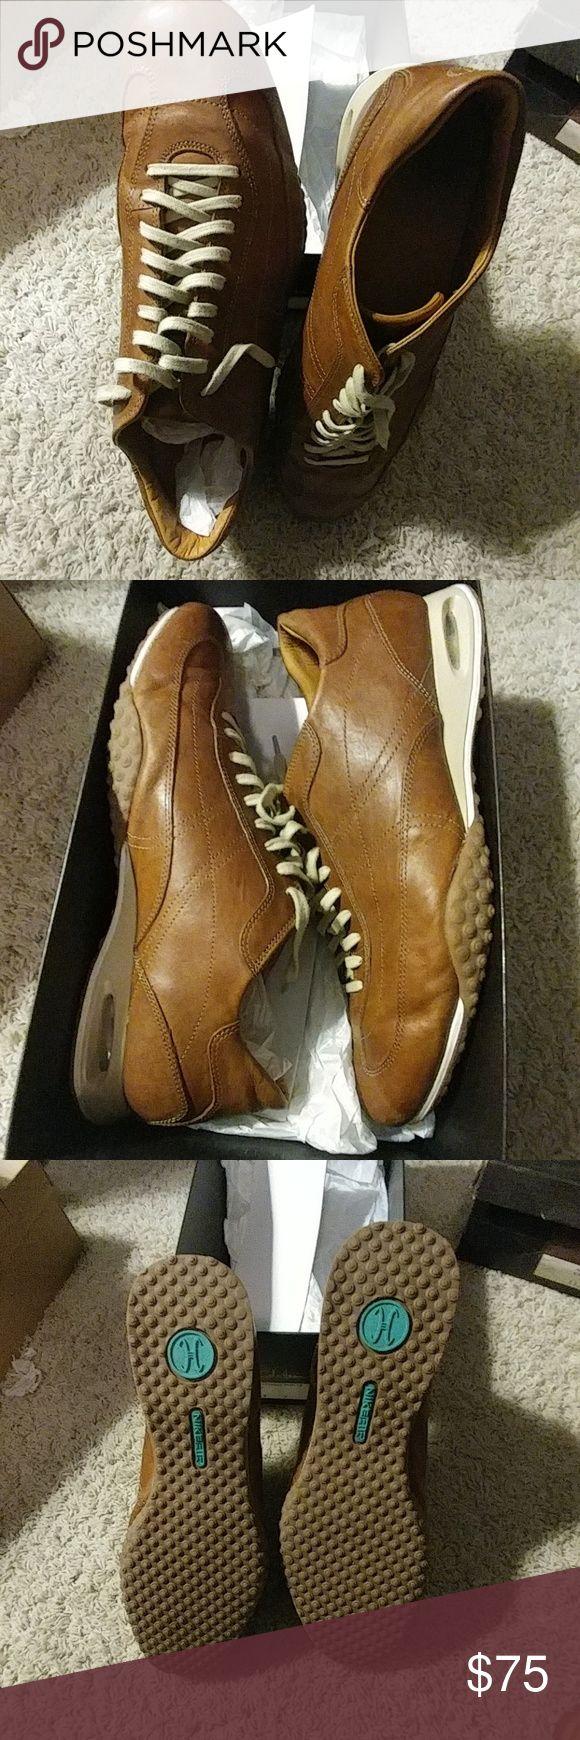 Cole Hann Leather Shoes Shoes